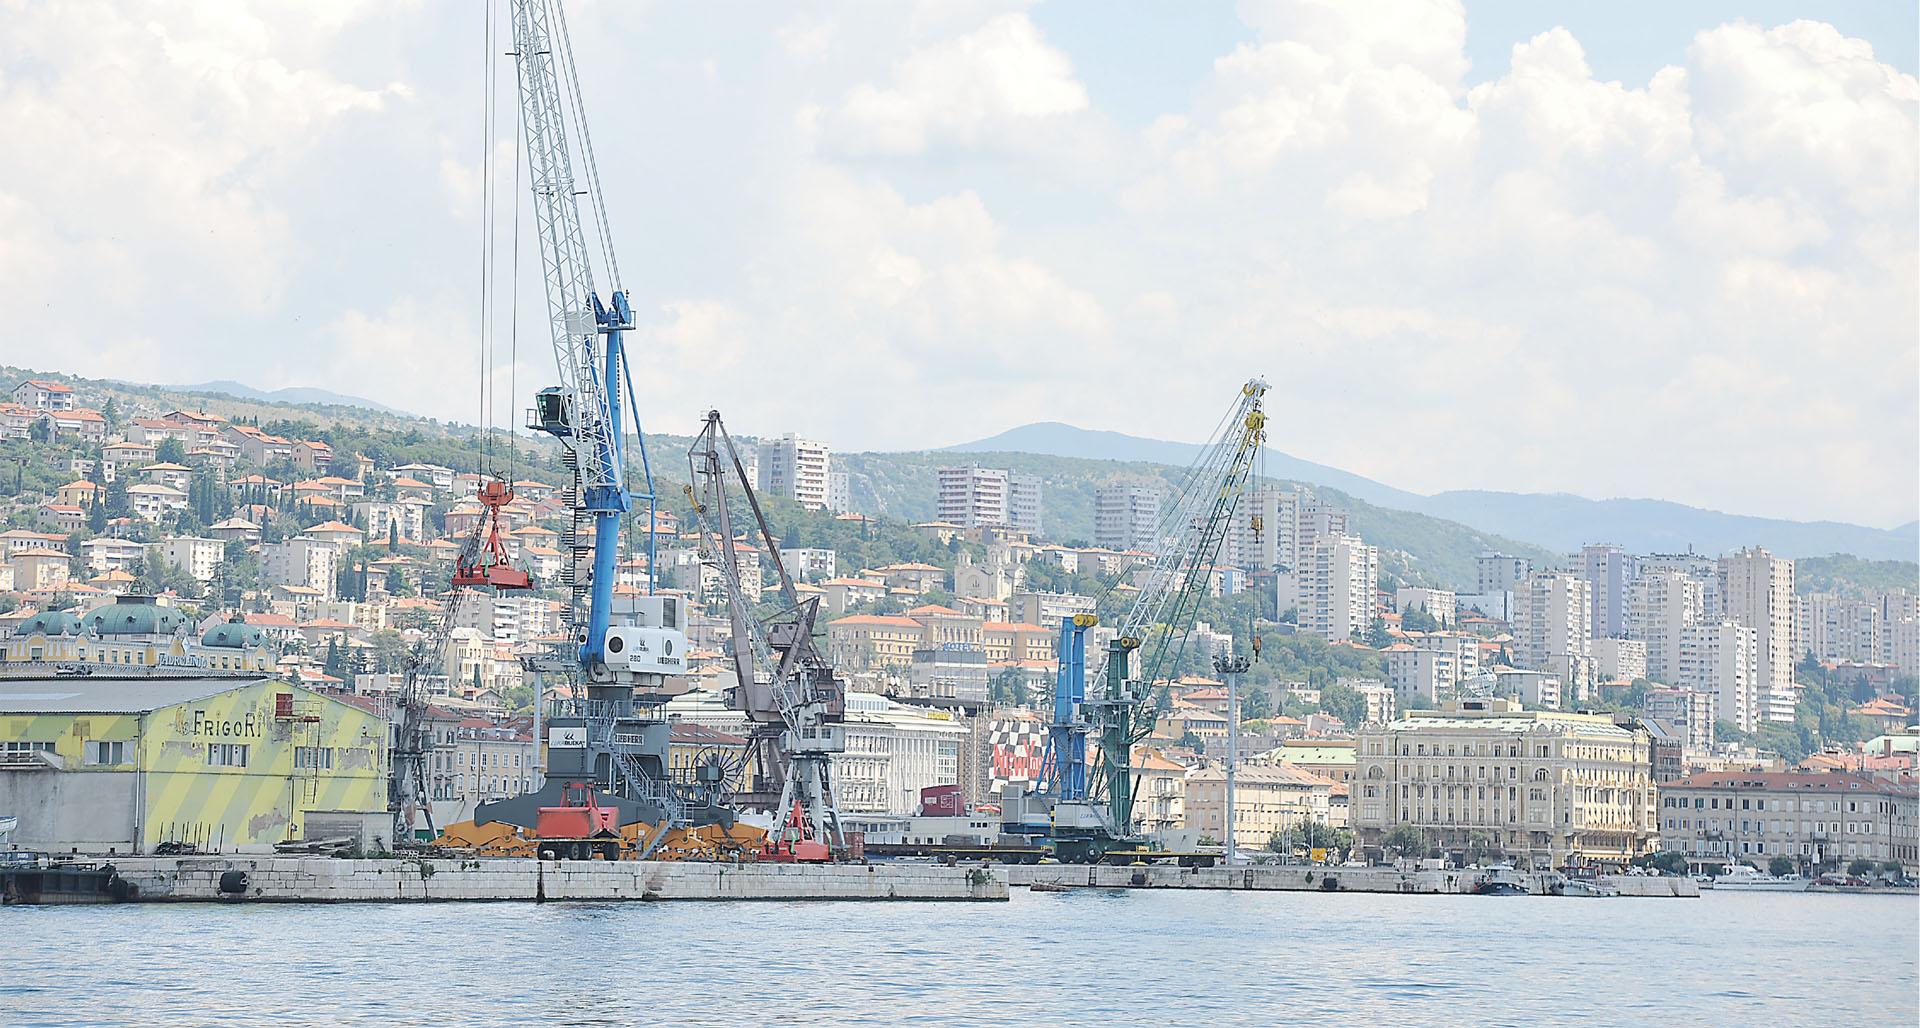 POLJSKI ŠPEKULANTI UNIŠTAVAJU RIJEČKU LUKU i nacionalne strateške ciljeve hrvatske države